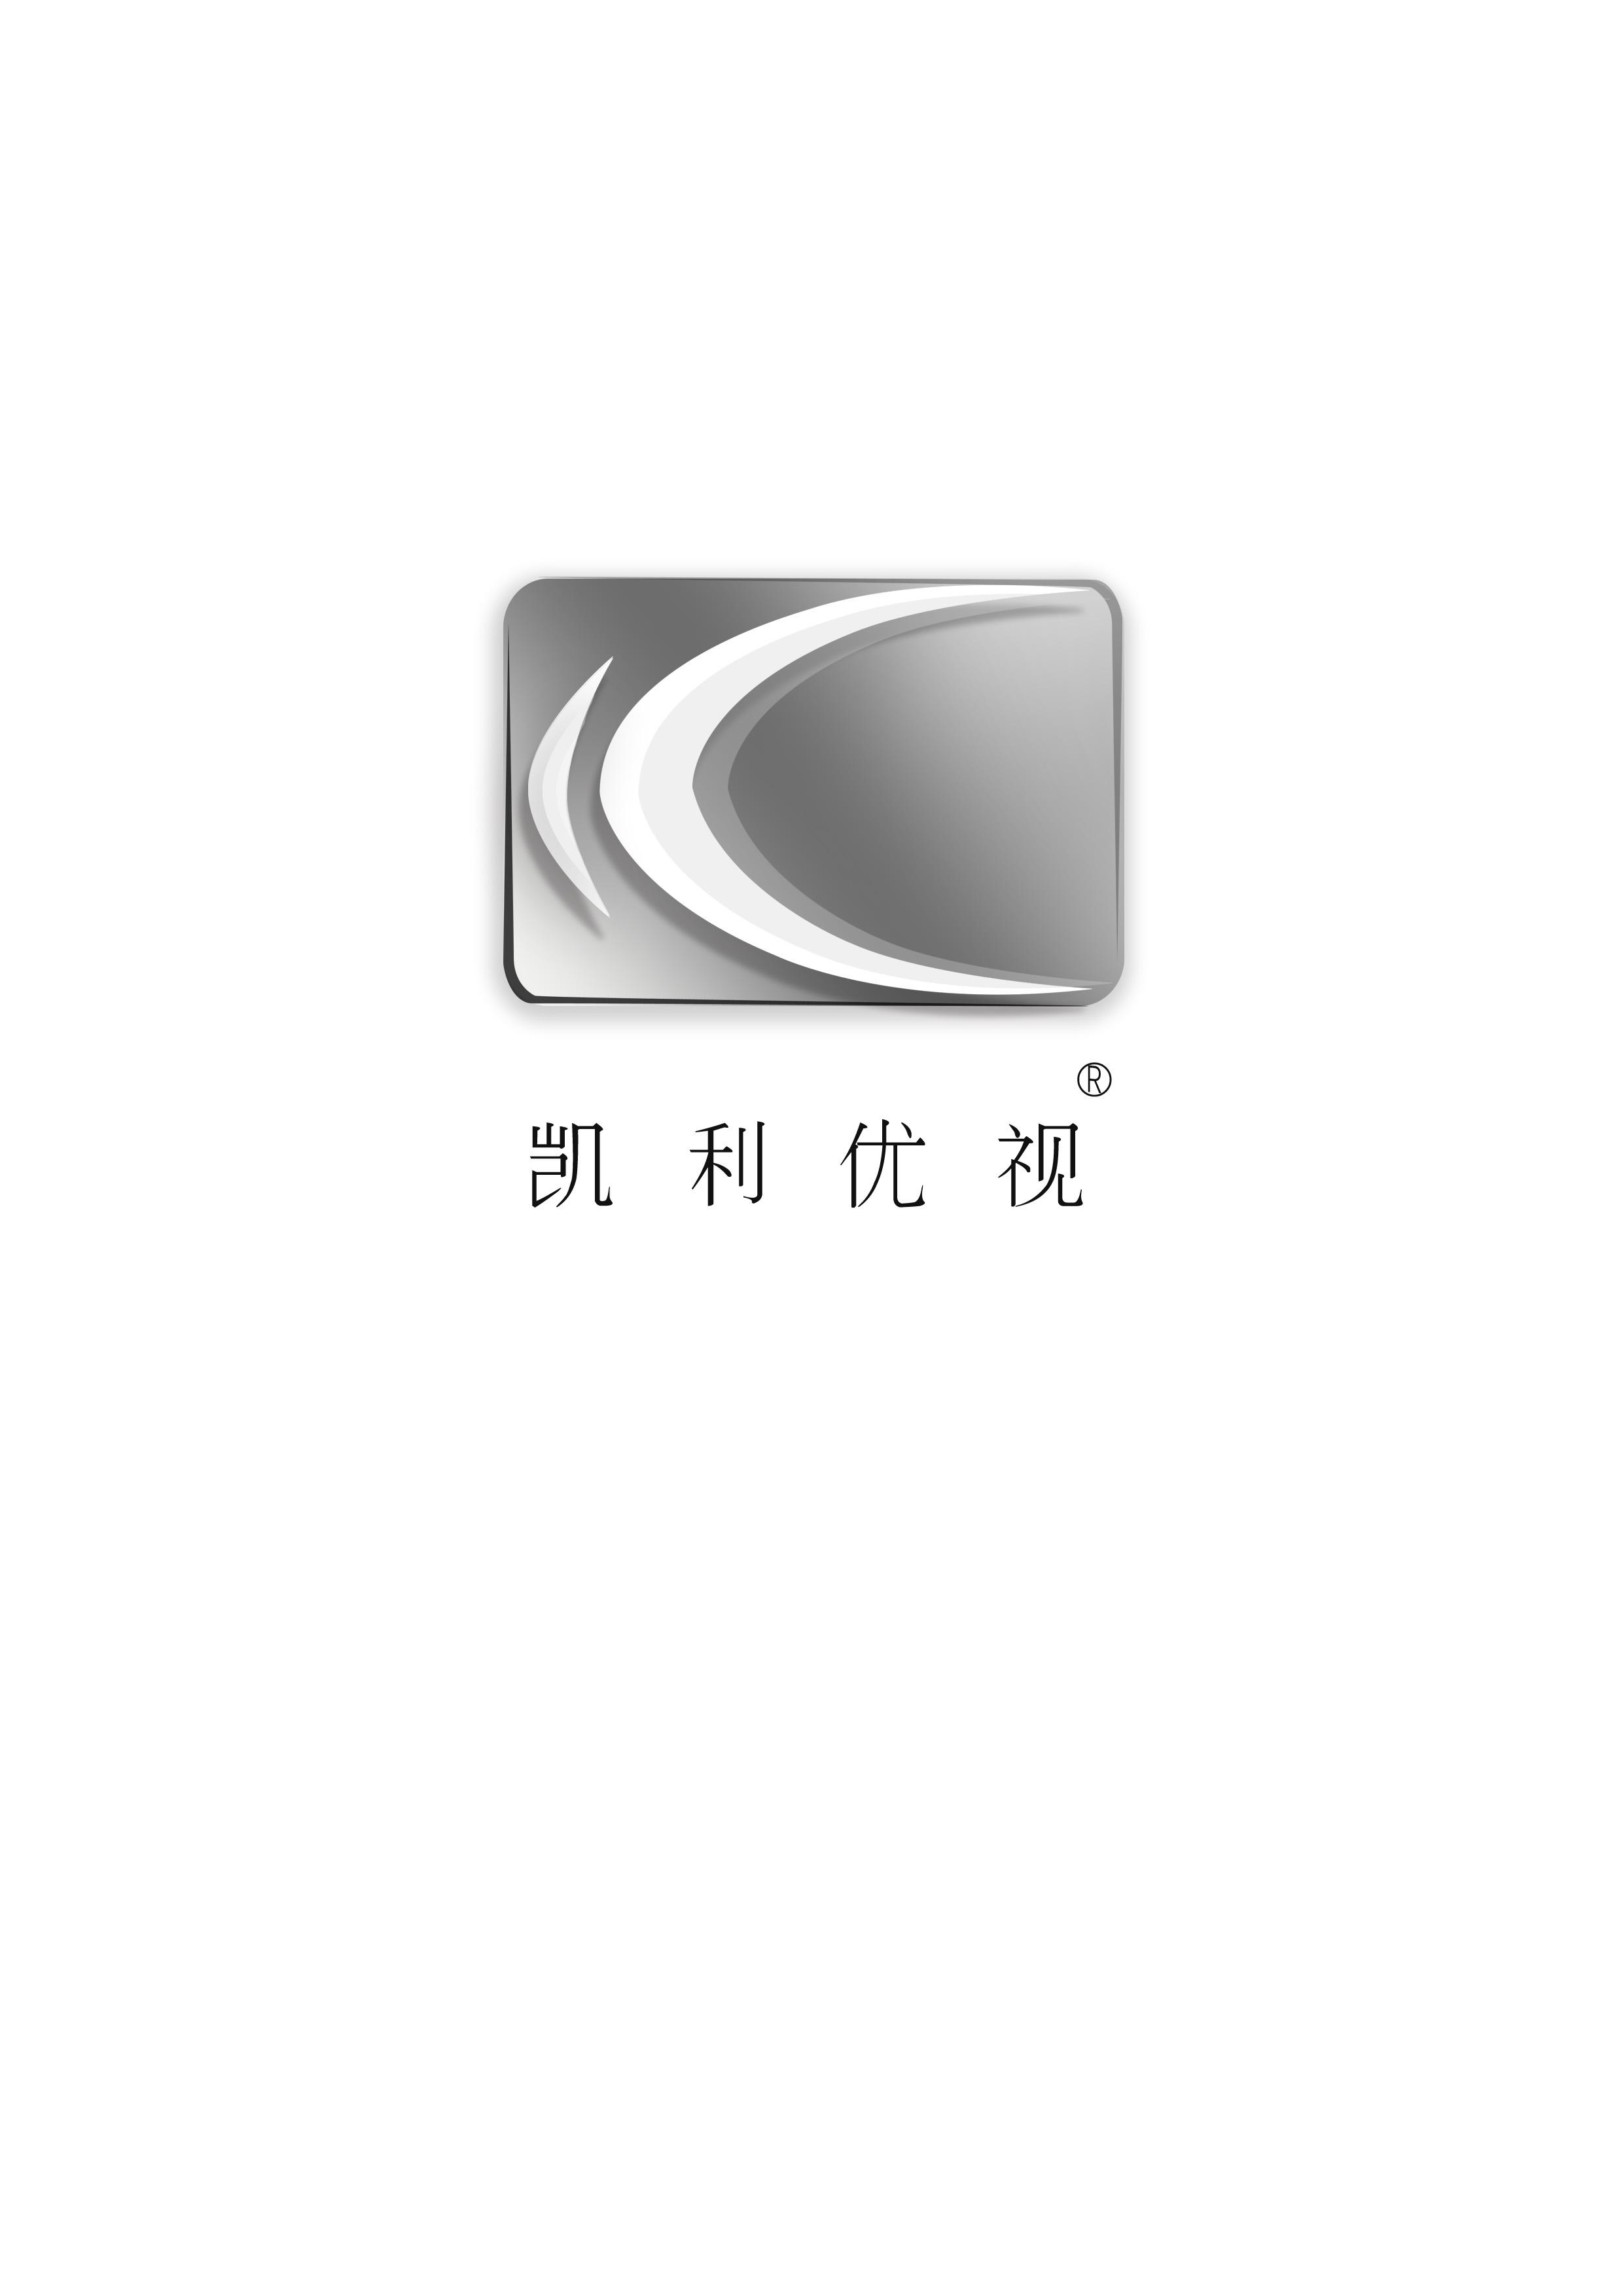 凱利優視logo設計